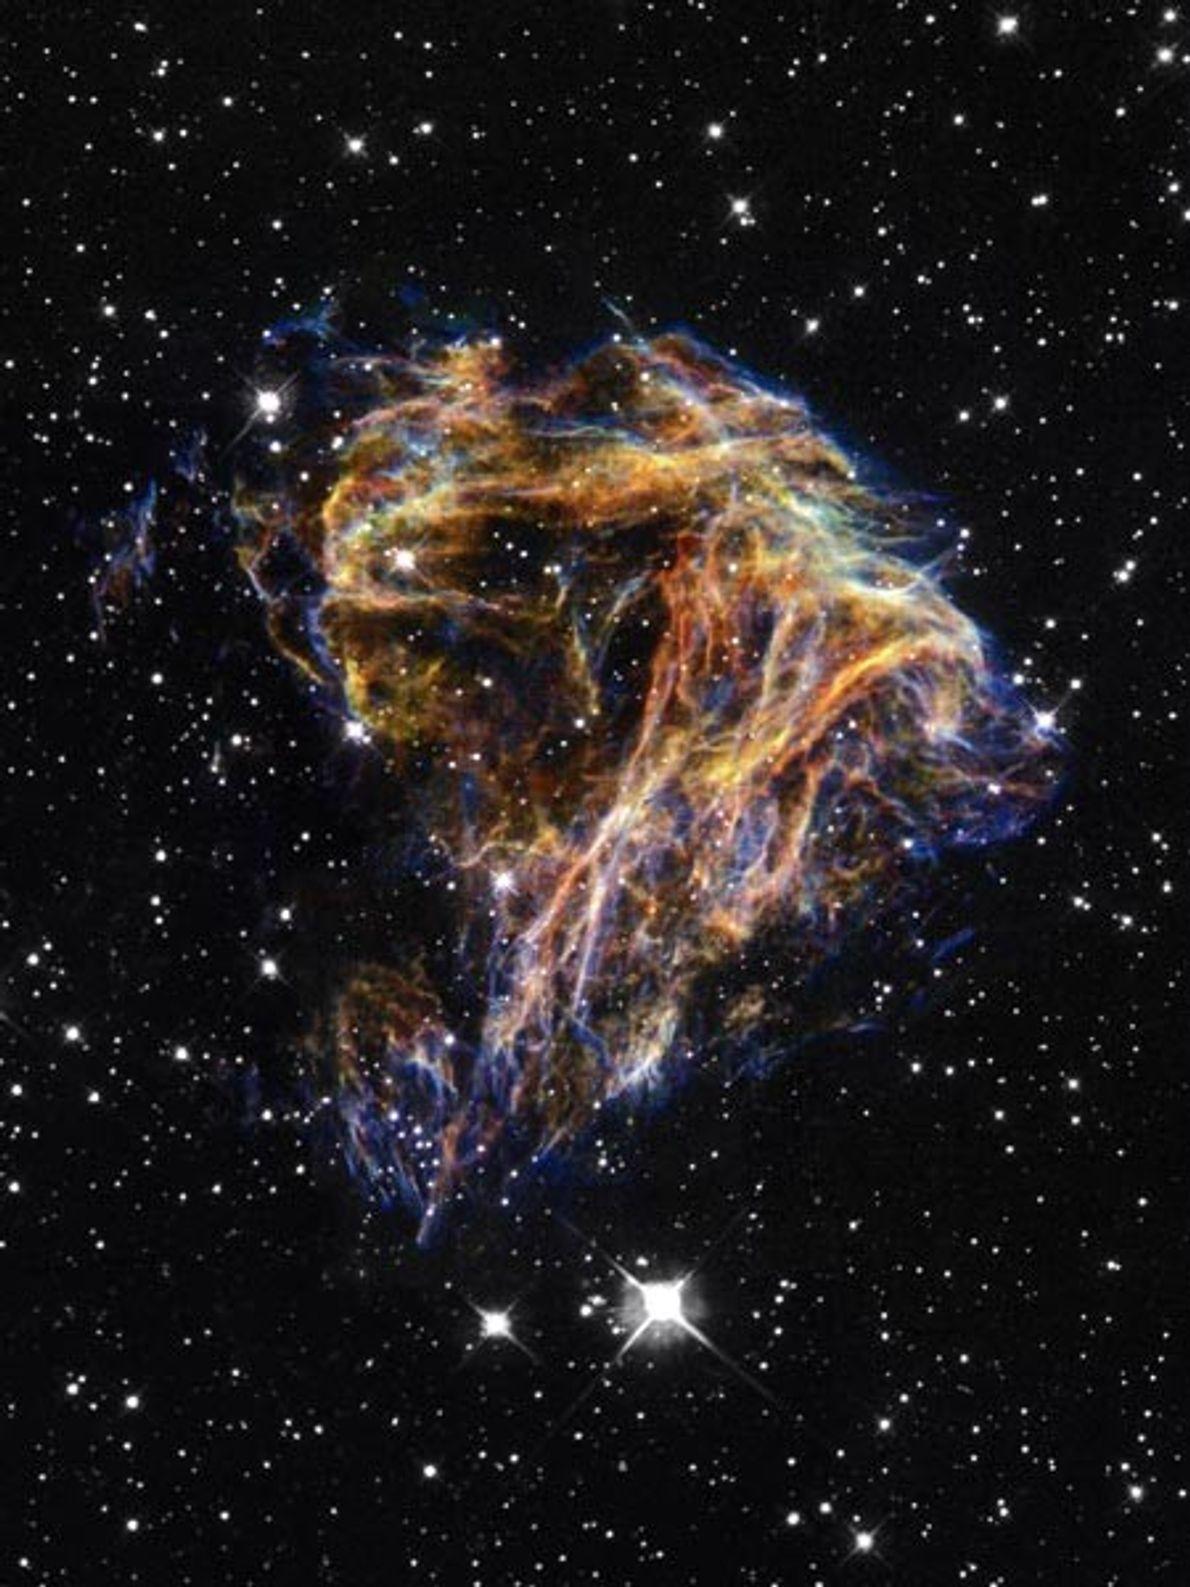 Des débris d'une étoile éclatée tourbillonnent dans la galaxie du Grand nuage de Magellan (GNM) dans ...